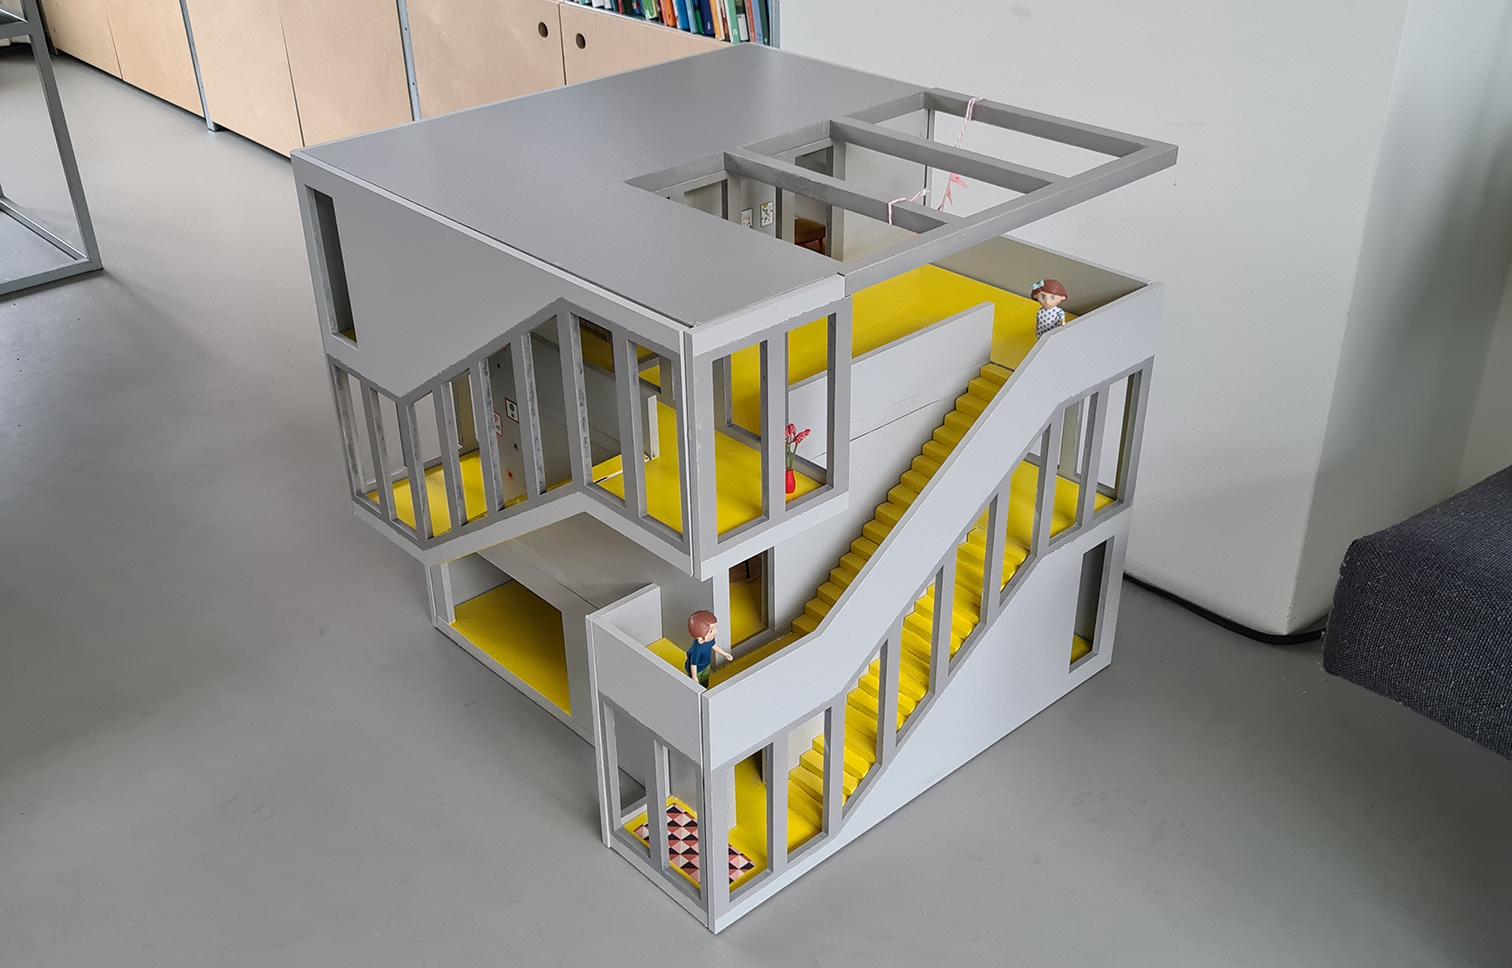 04/02/2021 mini architectuur